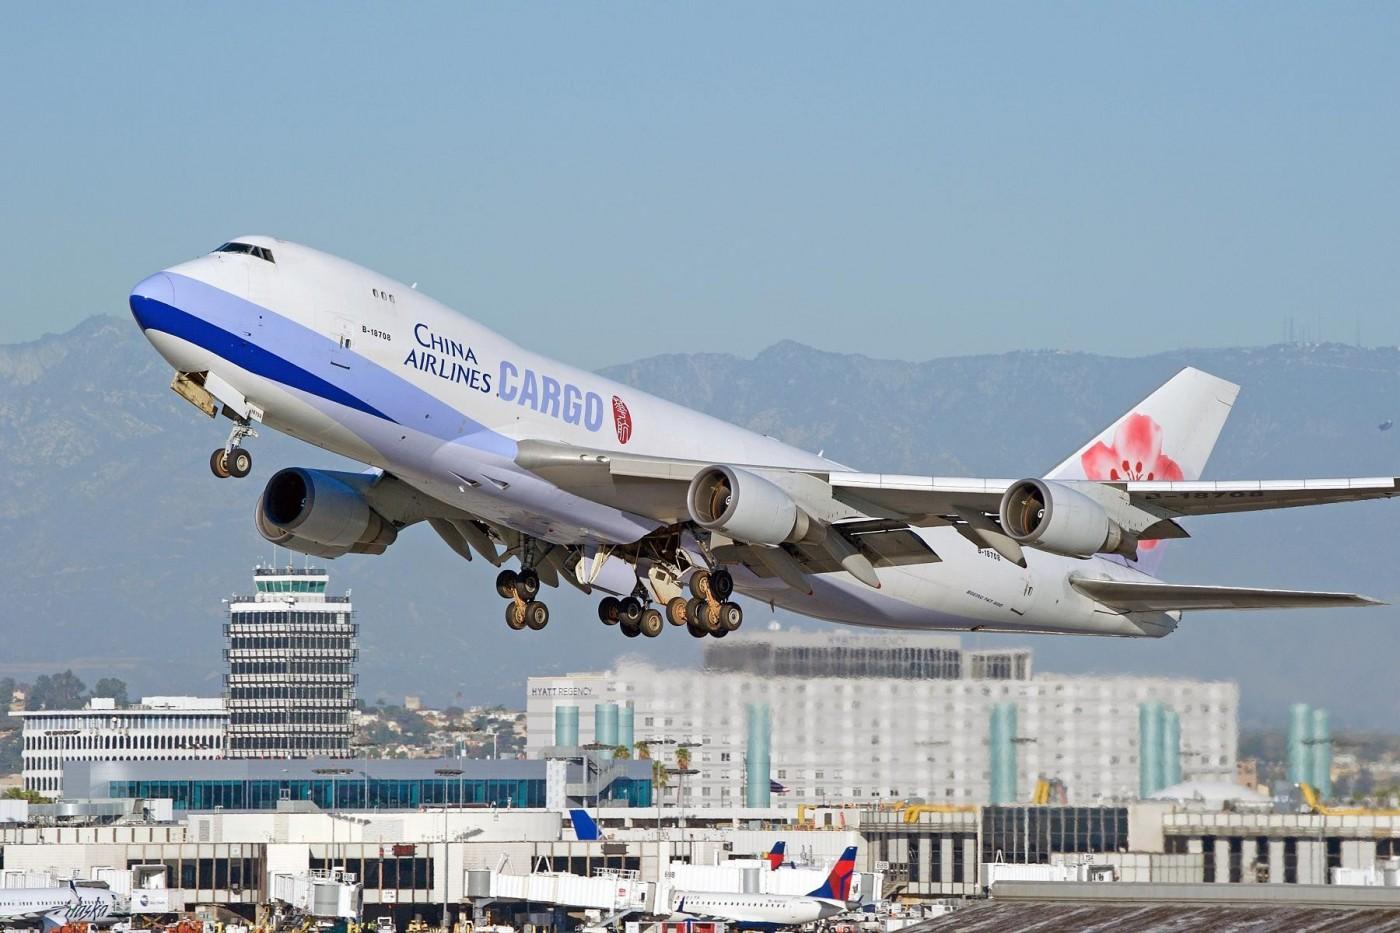 史上最慘二月?受疫情衝擊,長榮、華航營收雙雙跌破百億、客運量狂掉37%